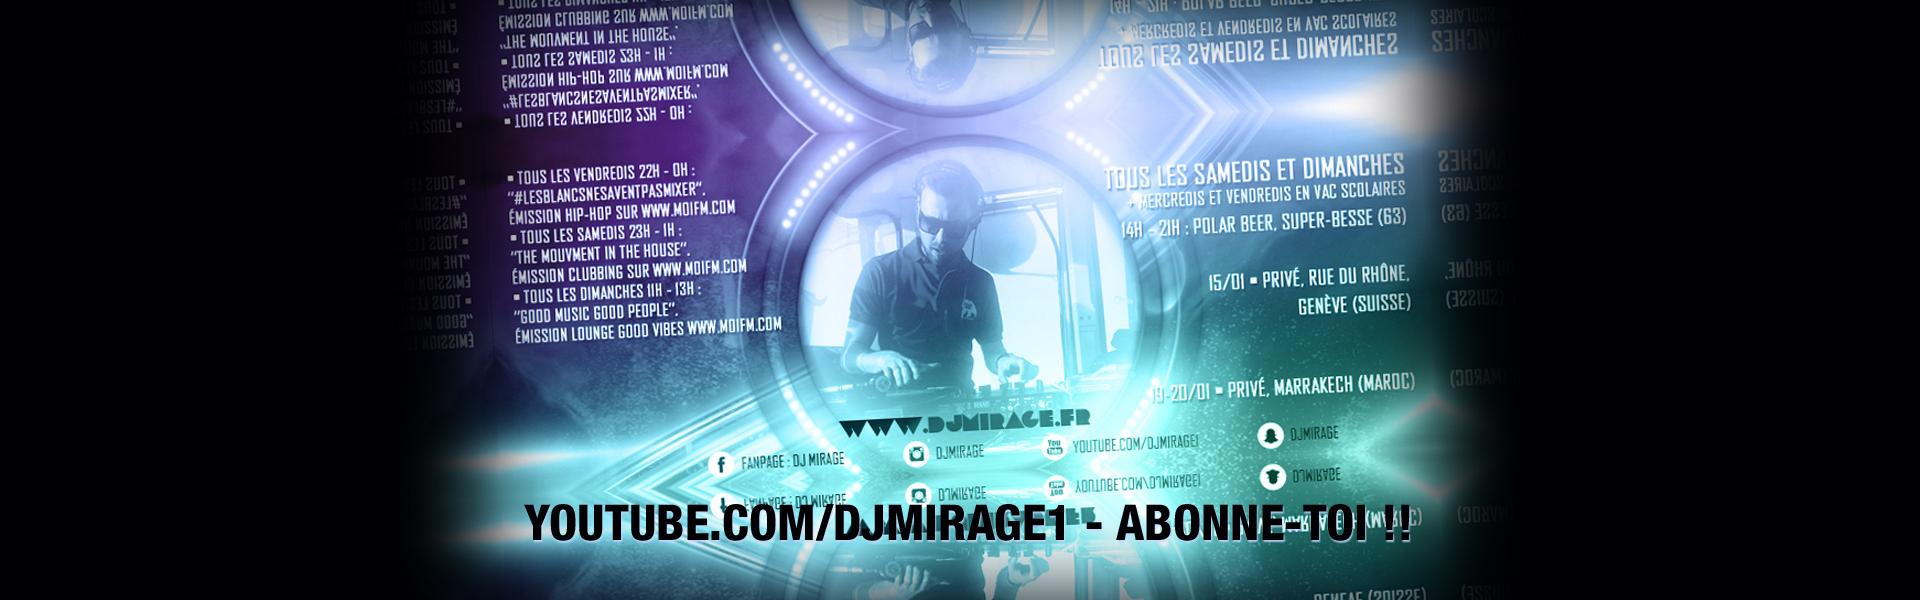 http://djmirage.fr/wp-content/uploads/2015/12/slider-accueil-deejaymirage-jan16.jpg